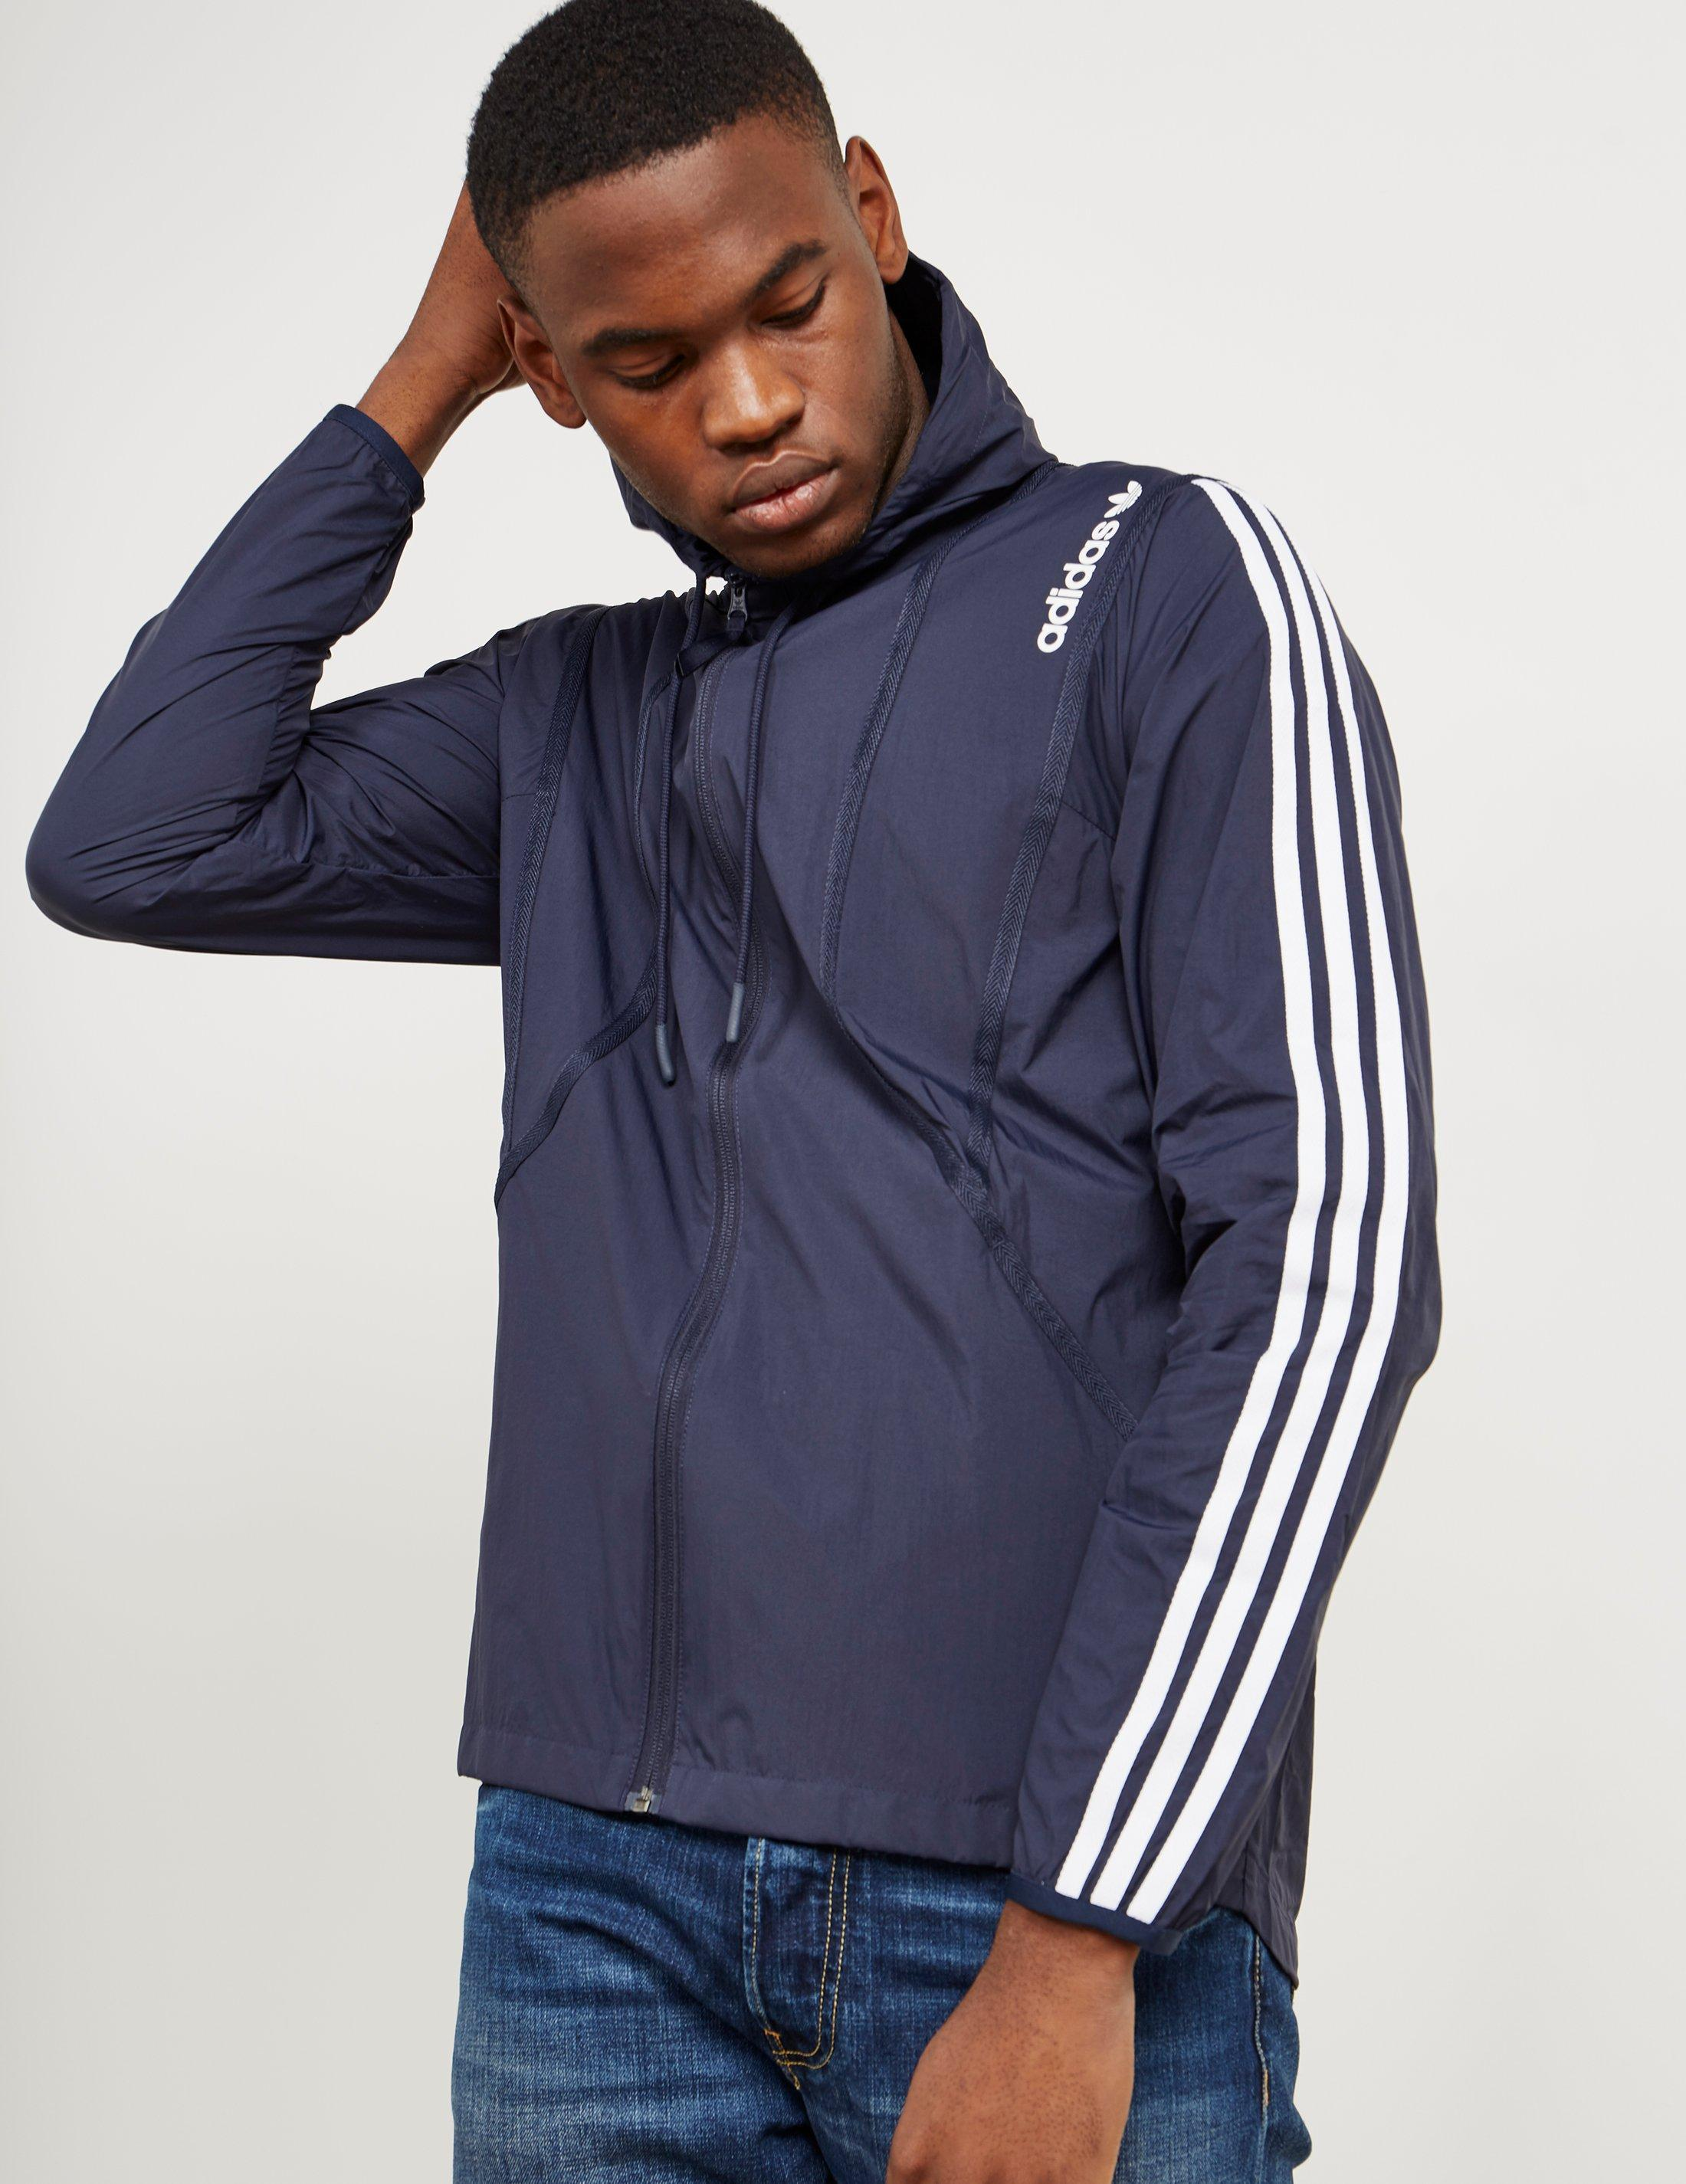 Lyst adidas Originals clr84 Windbreaker chaqueta en azul para los hombres